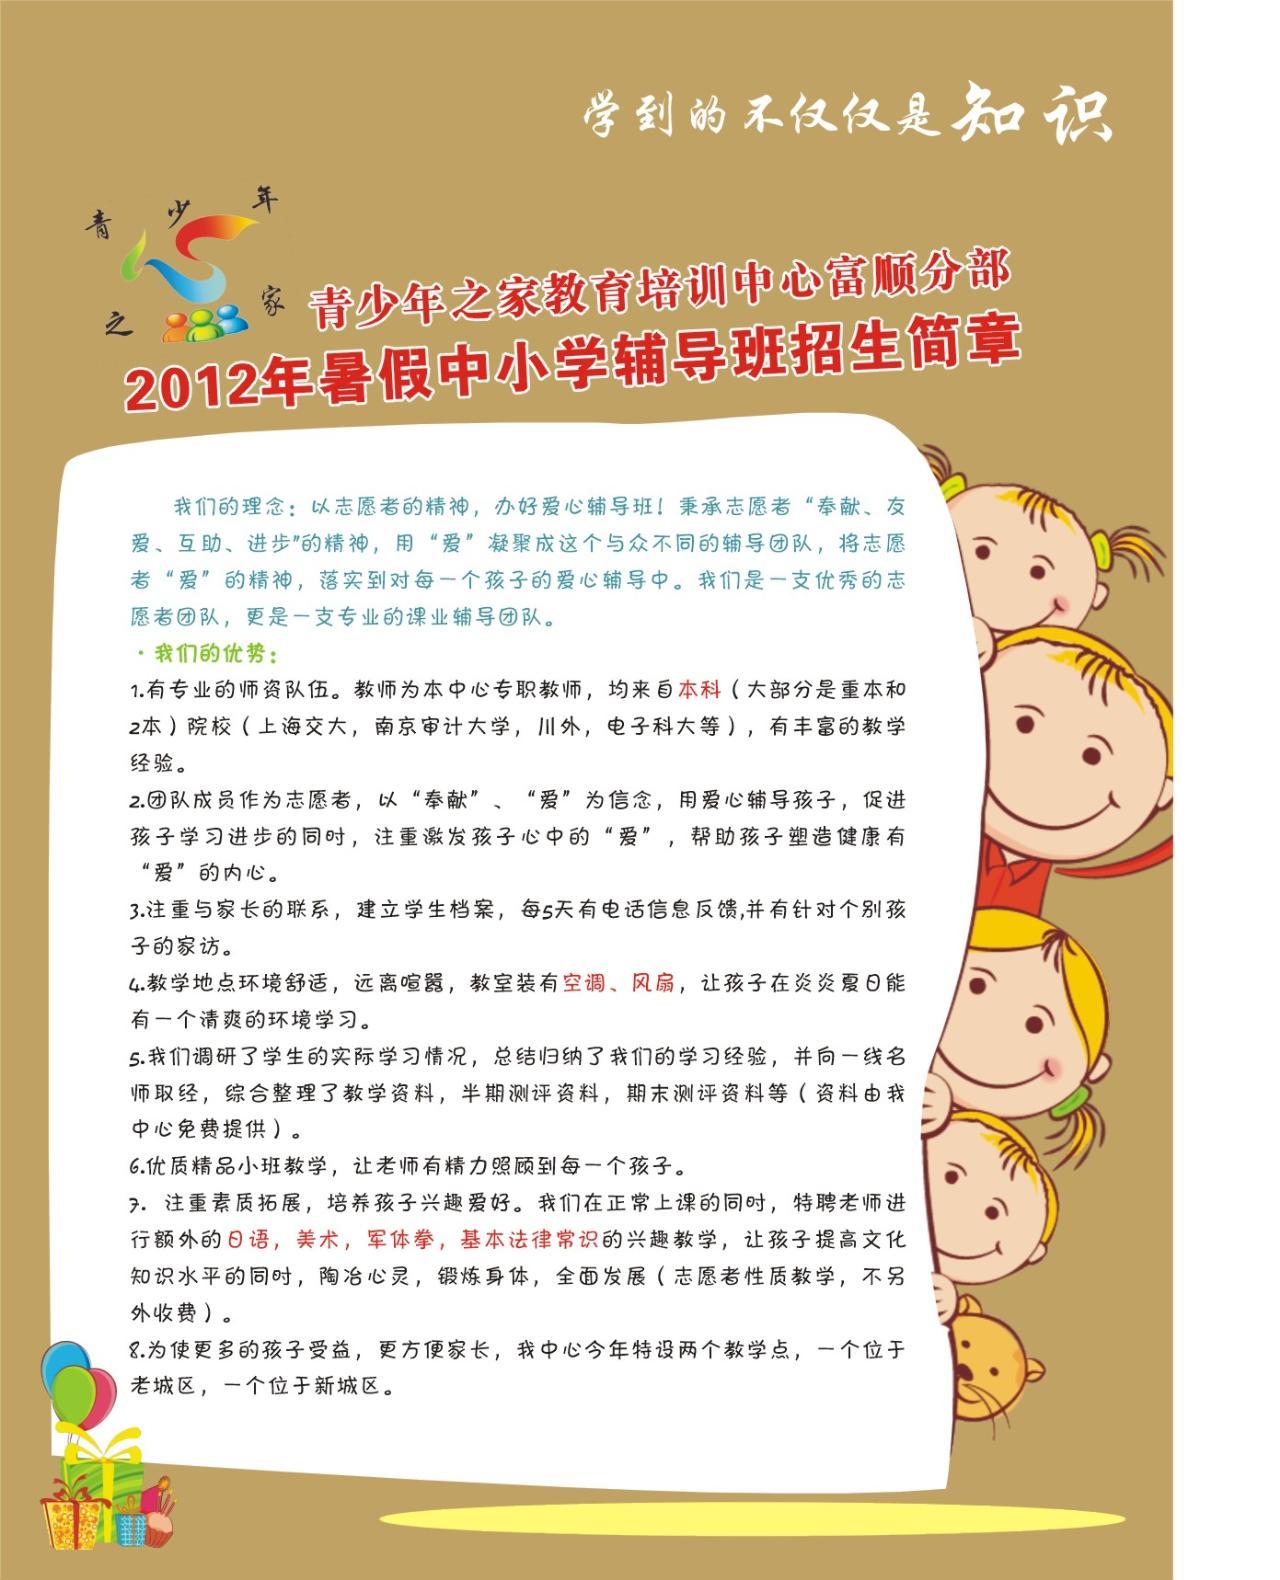 青少年之家教育培训中心【暑期中小学辅导开班啦】!